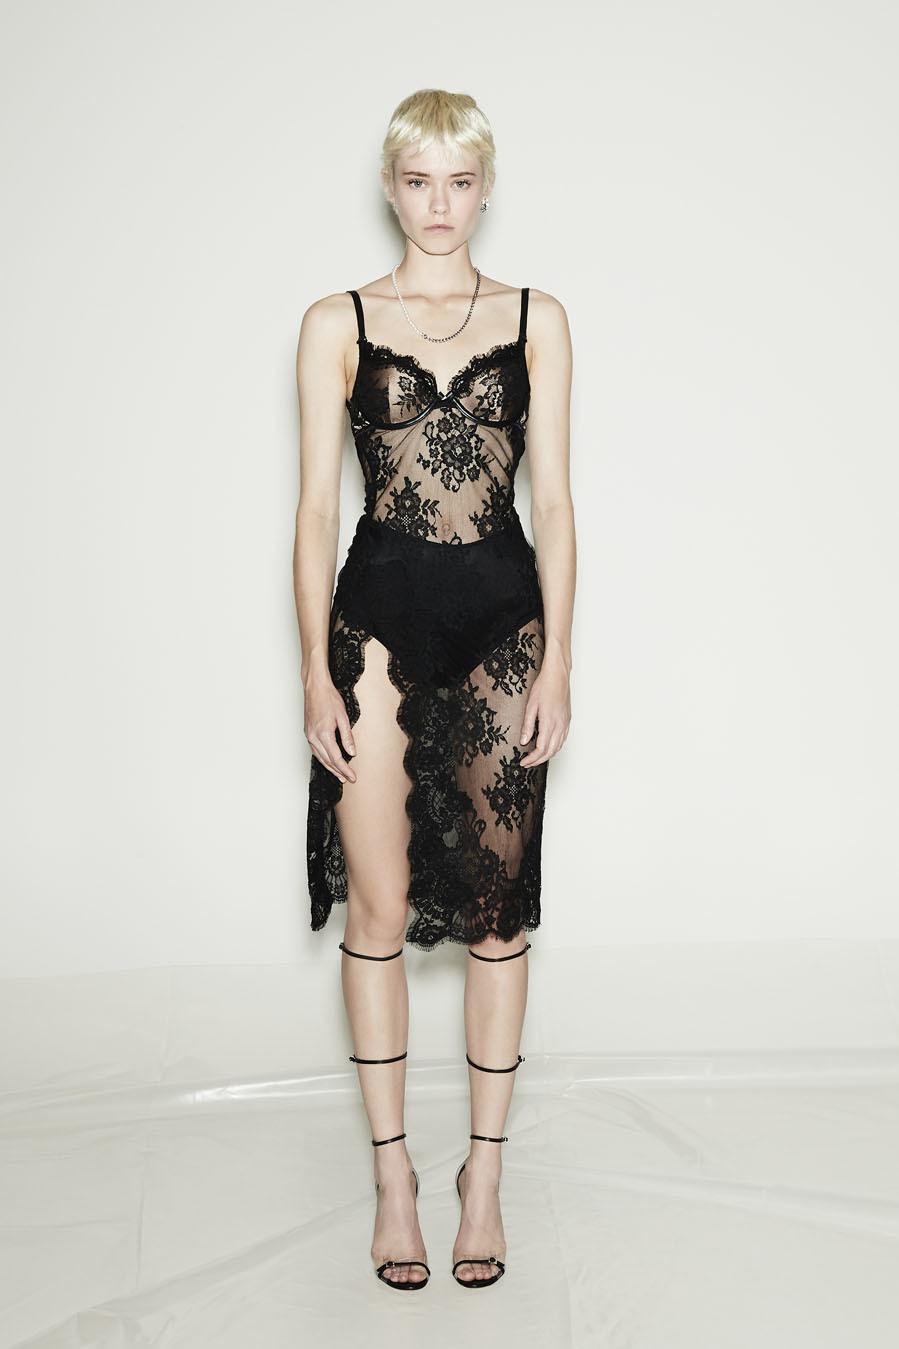 Desfile de Dsquared2 - Colección primavera-verano 2021 - Semana de la Moda de Milán